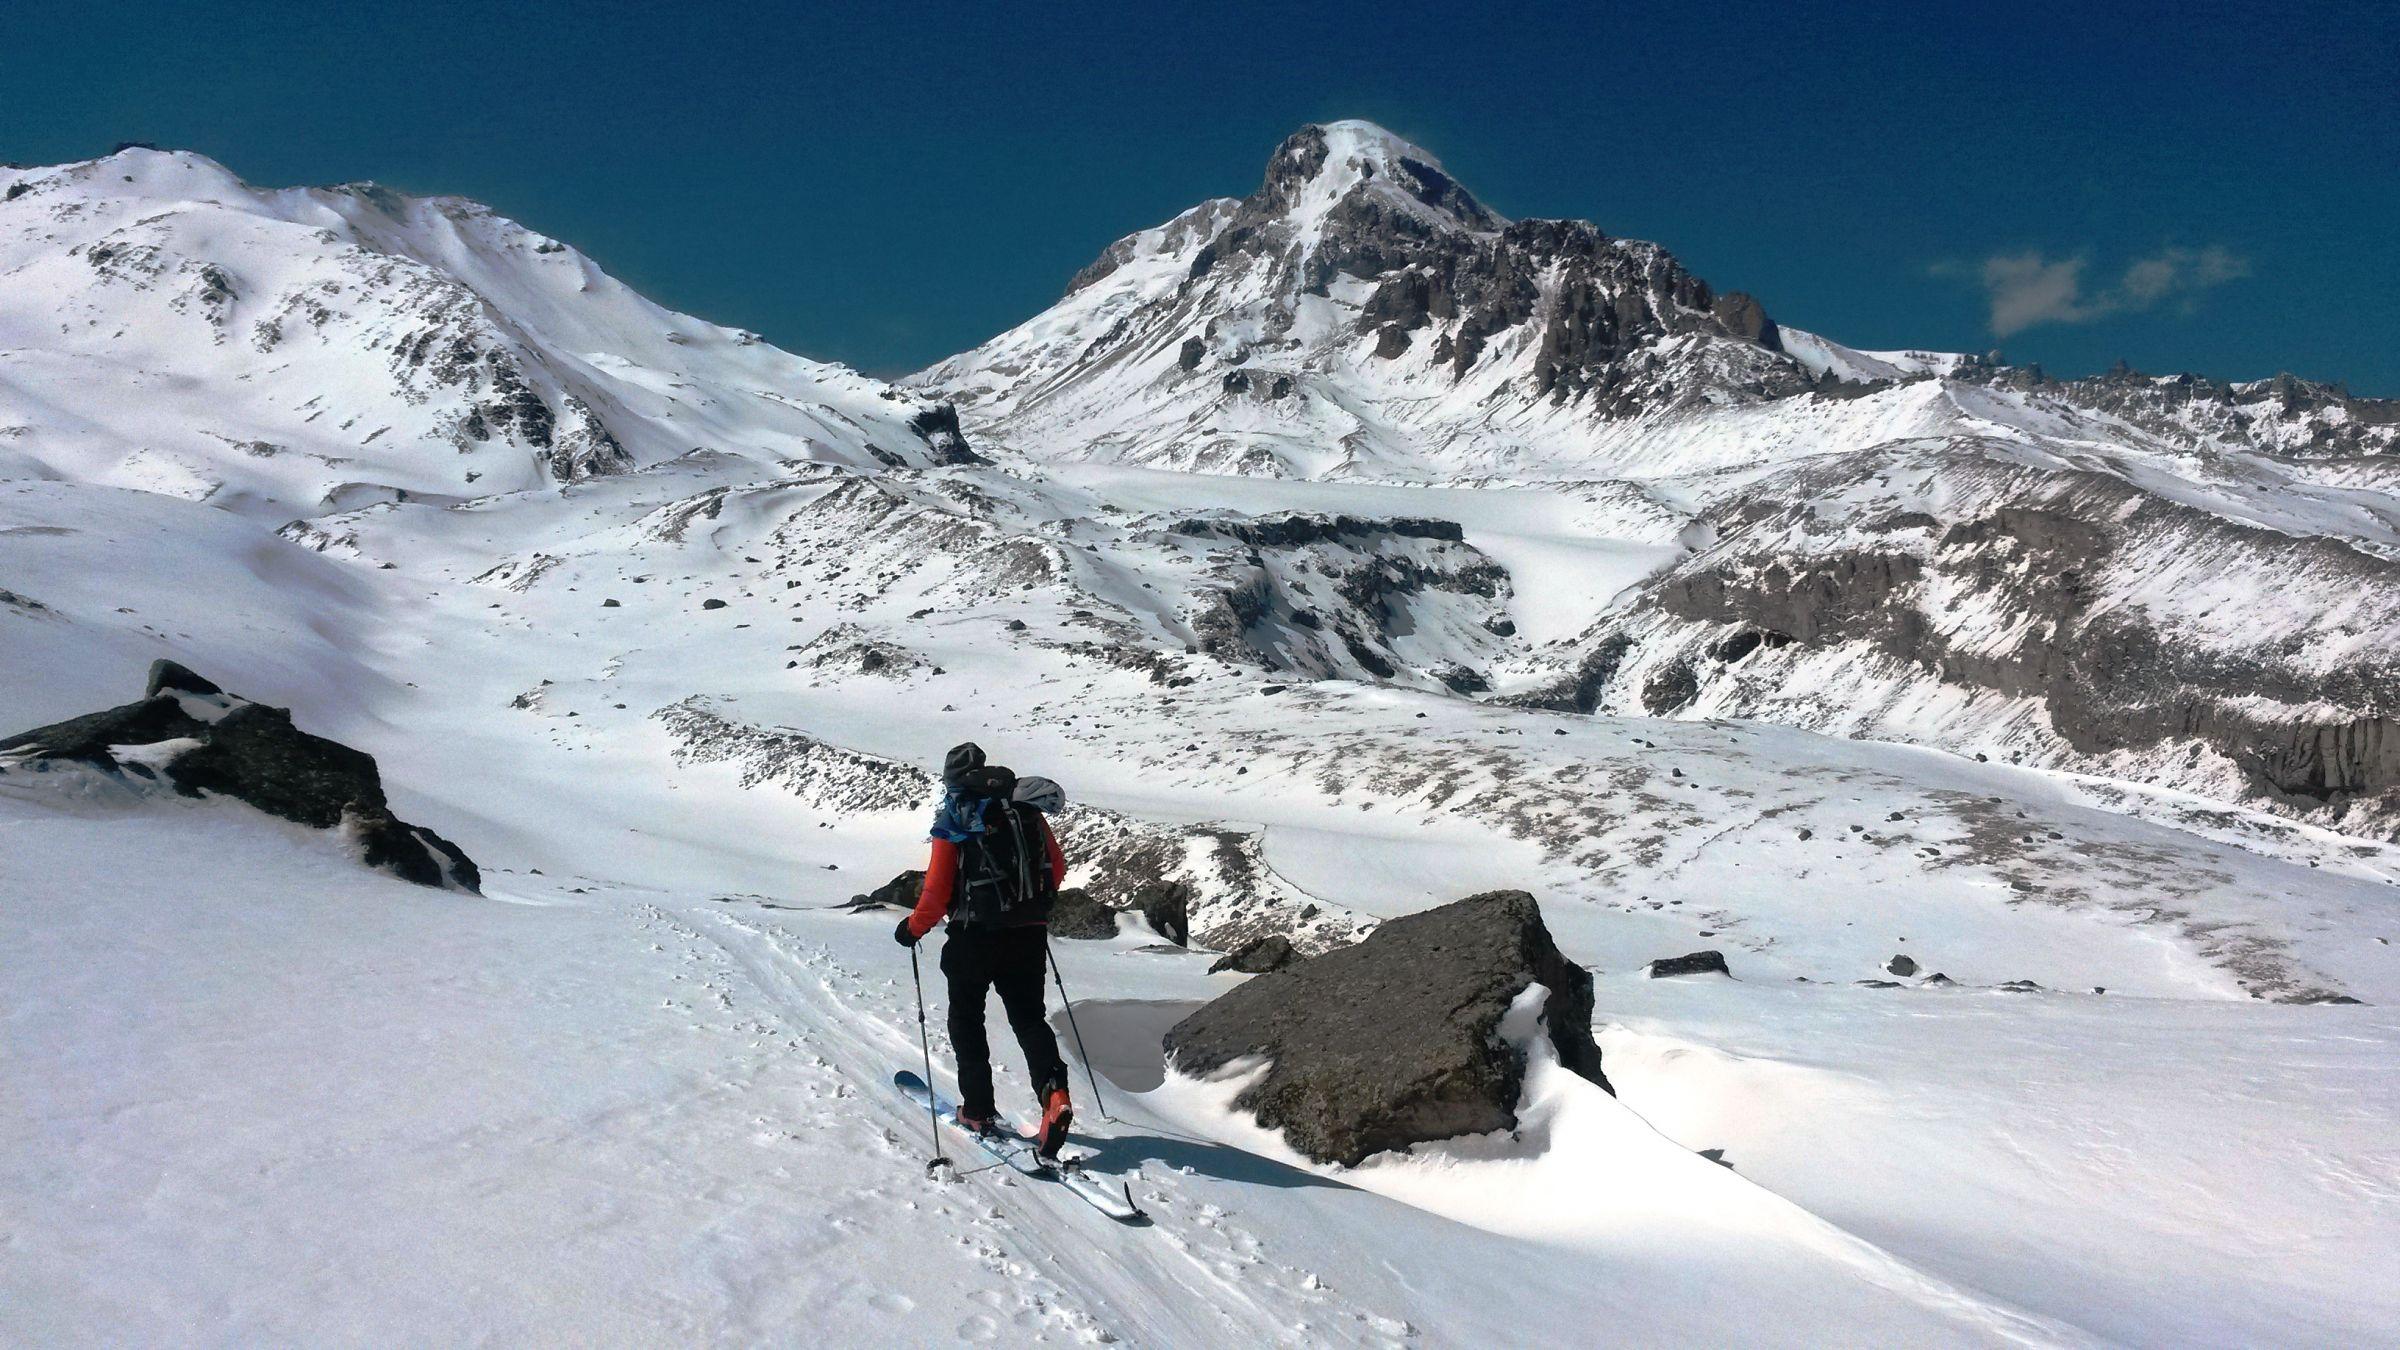 Ски-тур на Казбеке: перевал